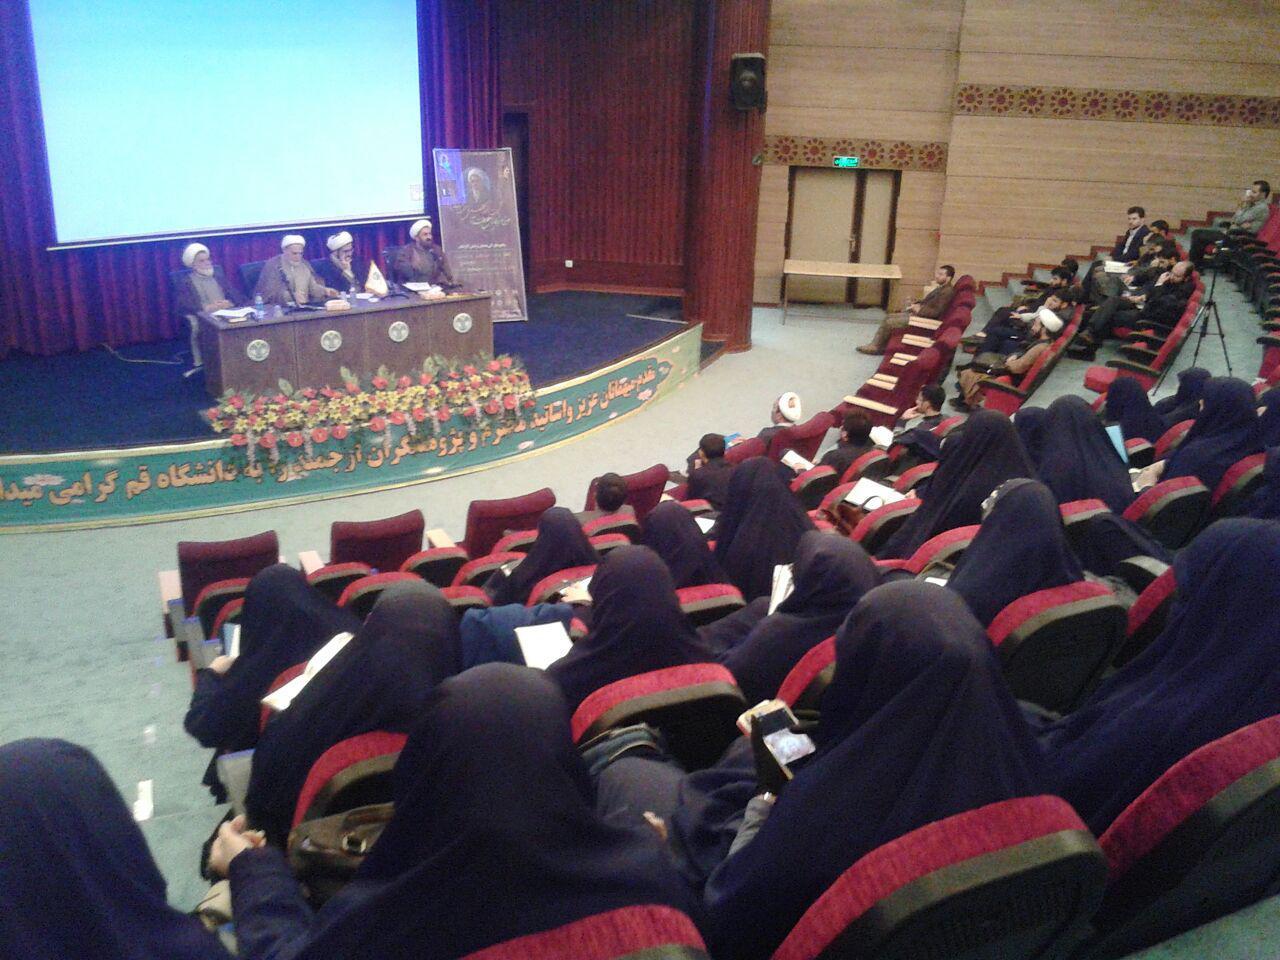 یازدهمین پیش نشست همایش در دانشگاه قم برگزار شد.42